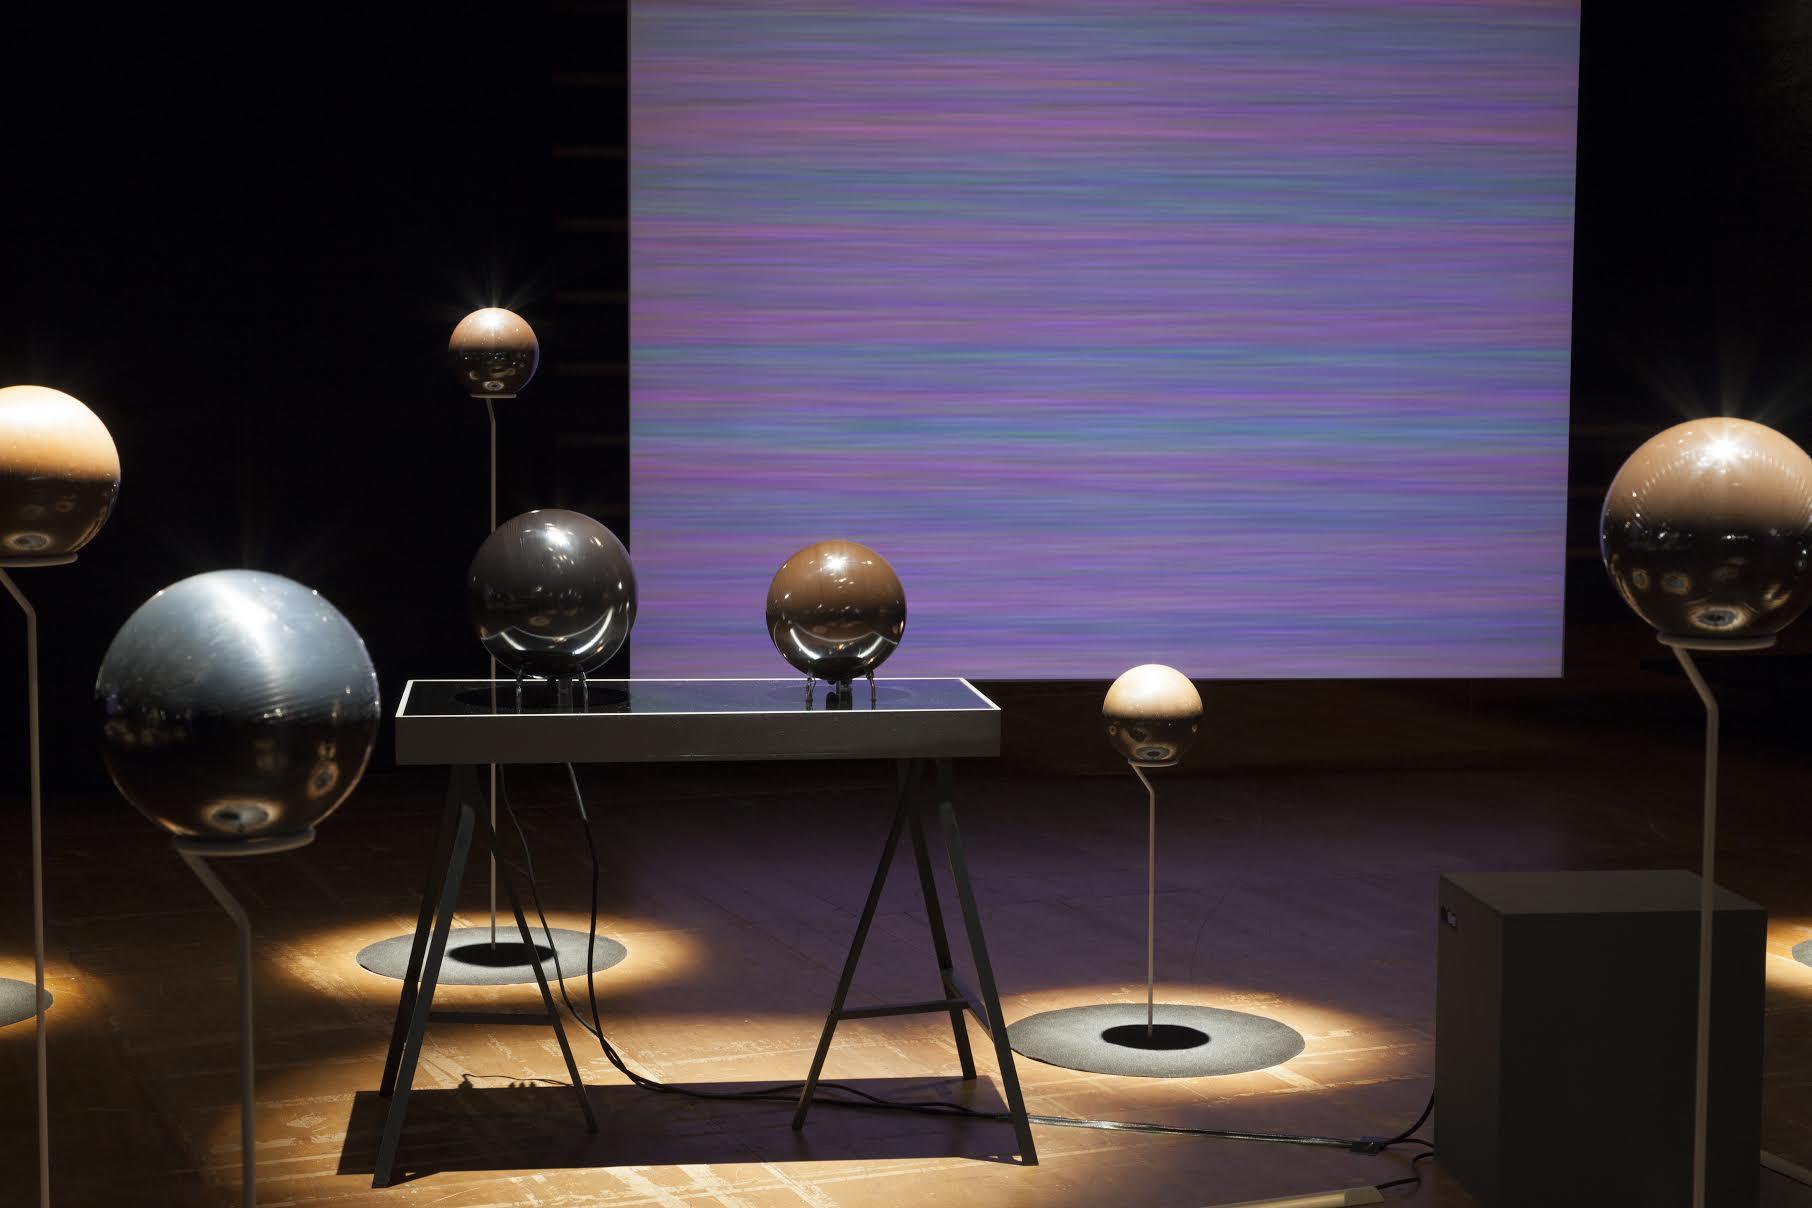 八木良太 「Video Sphere   Sound Sphere」 2014 インスタレーション(プロジェクター、カセットテープ他) 神奈川芸術劇場(神奈川) Photo by Gosuke Sugiyama